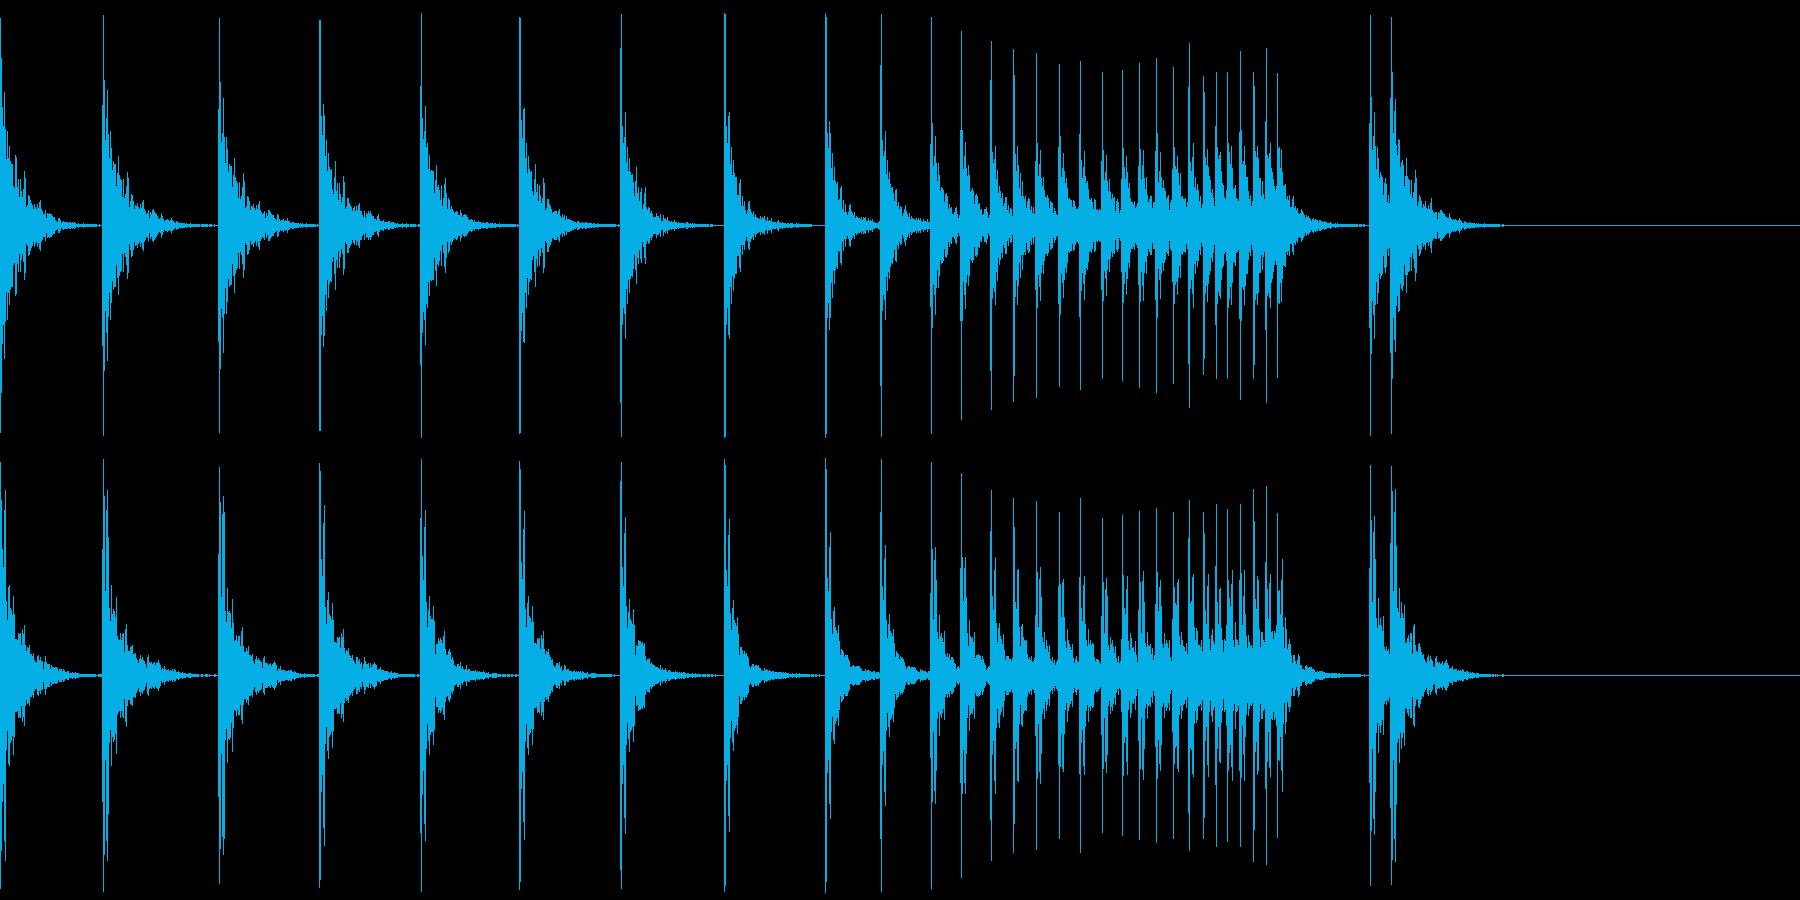 カン!カン!カン!拍子木ロール/ロングの再生済みの波形